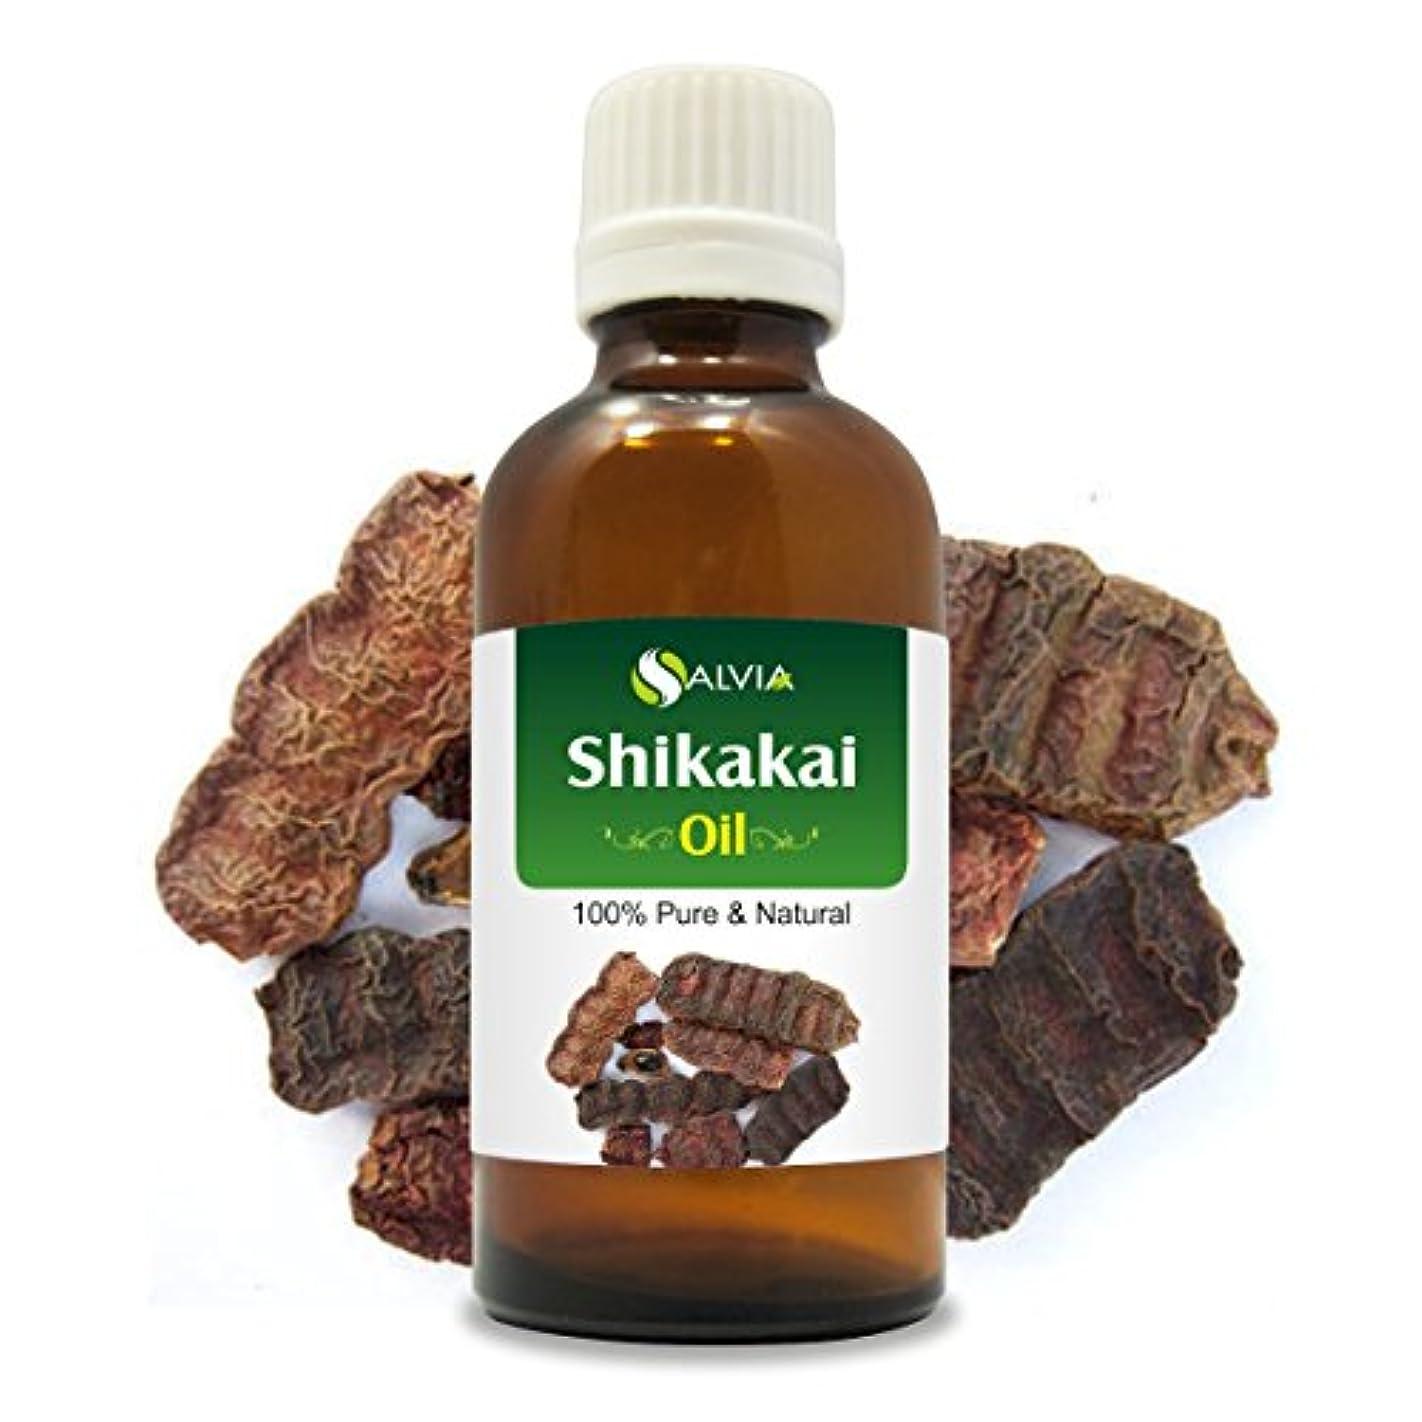 アルコールエスニックウェイトレスSHIKAKAI OIL 100% NATURAL PURE UNDILUTED UNCUT OIL 100ML